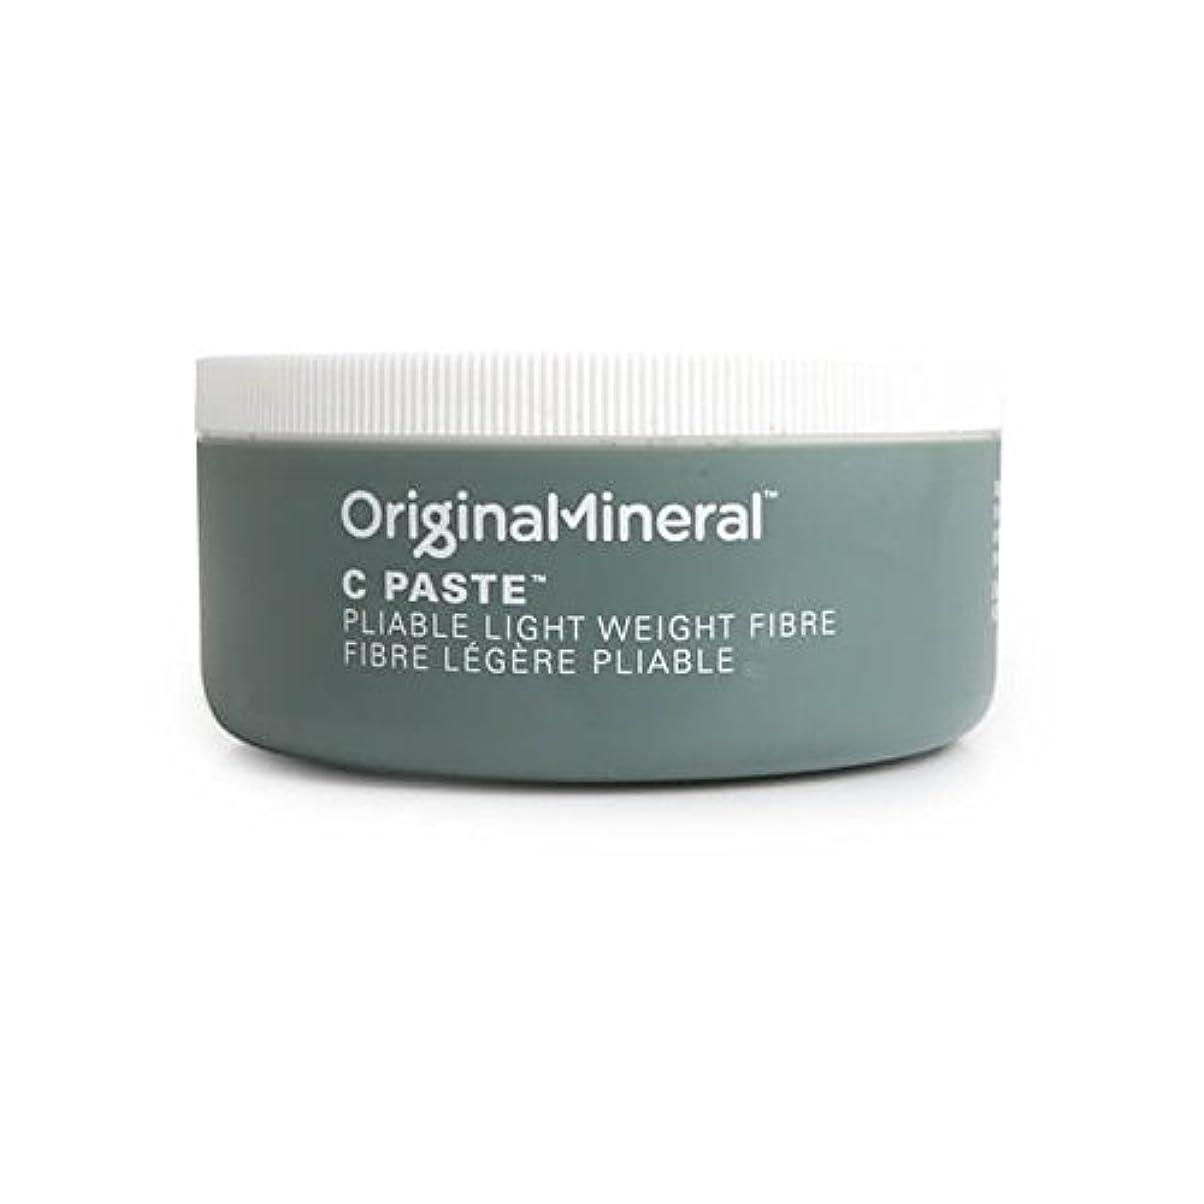 船外モーション離れてオリジナル&ミネラルの-ペーストヘアワックス(100グラム) x4 - Original & Mineral C-Paste Hair Wax (100G) (Pack of 4) [並行輸入品]